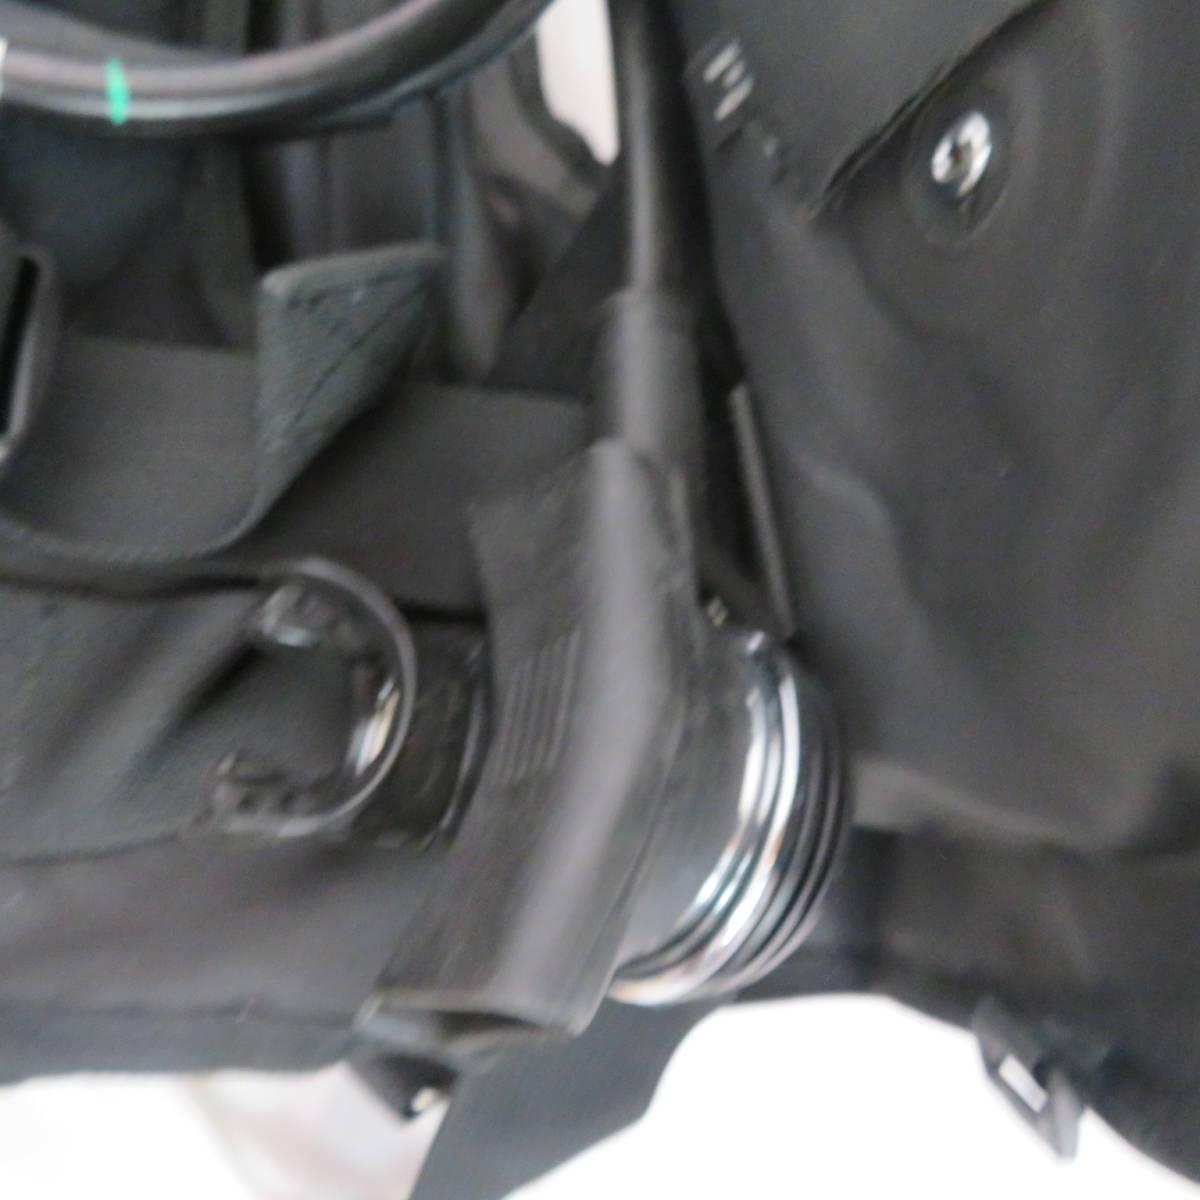 (30-1148) SCUBAPRO スキューバプロ CLASSIC クラシック ジャケット Sサイズ 中古品 動作未確認 _画像7